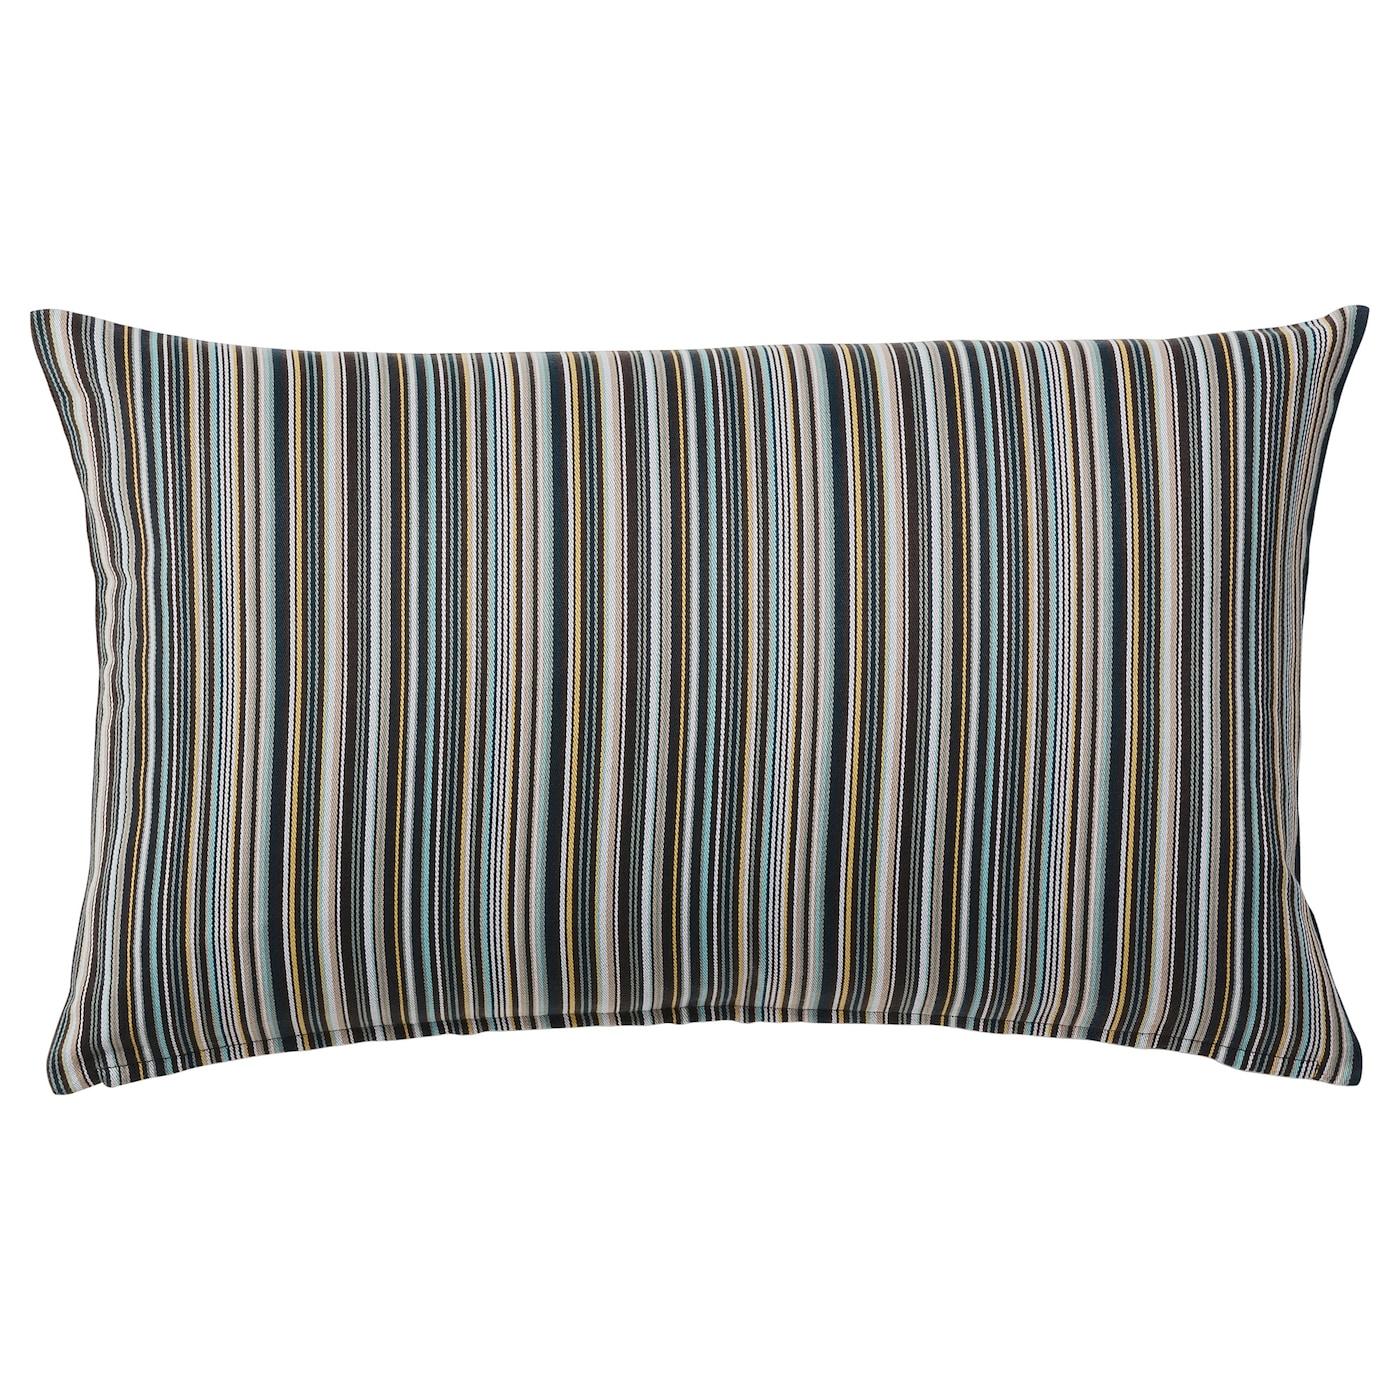 lindelse tapis poils hauts cru beige 170 x 240 cm ikea. Black Bedroom Furniture Sets. Home Design Ideas